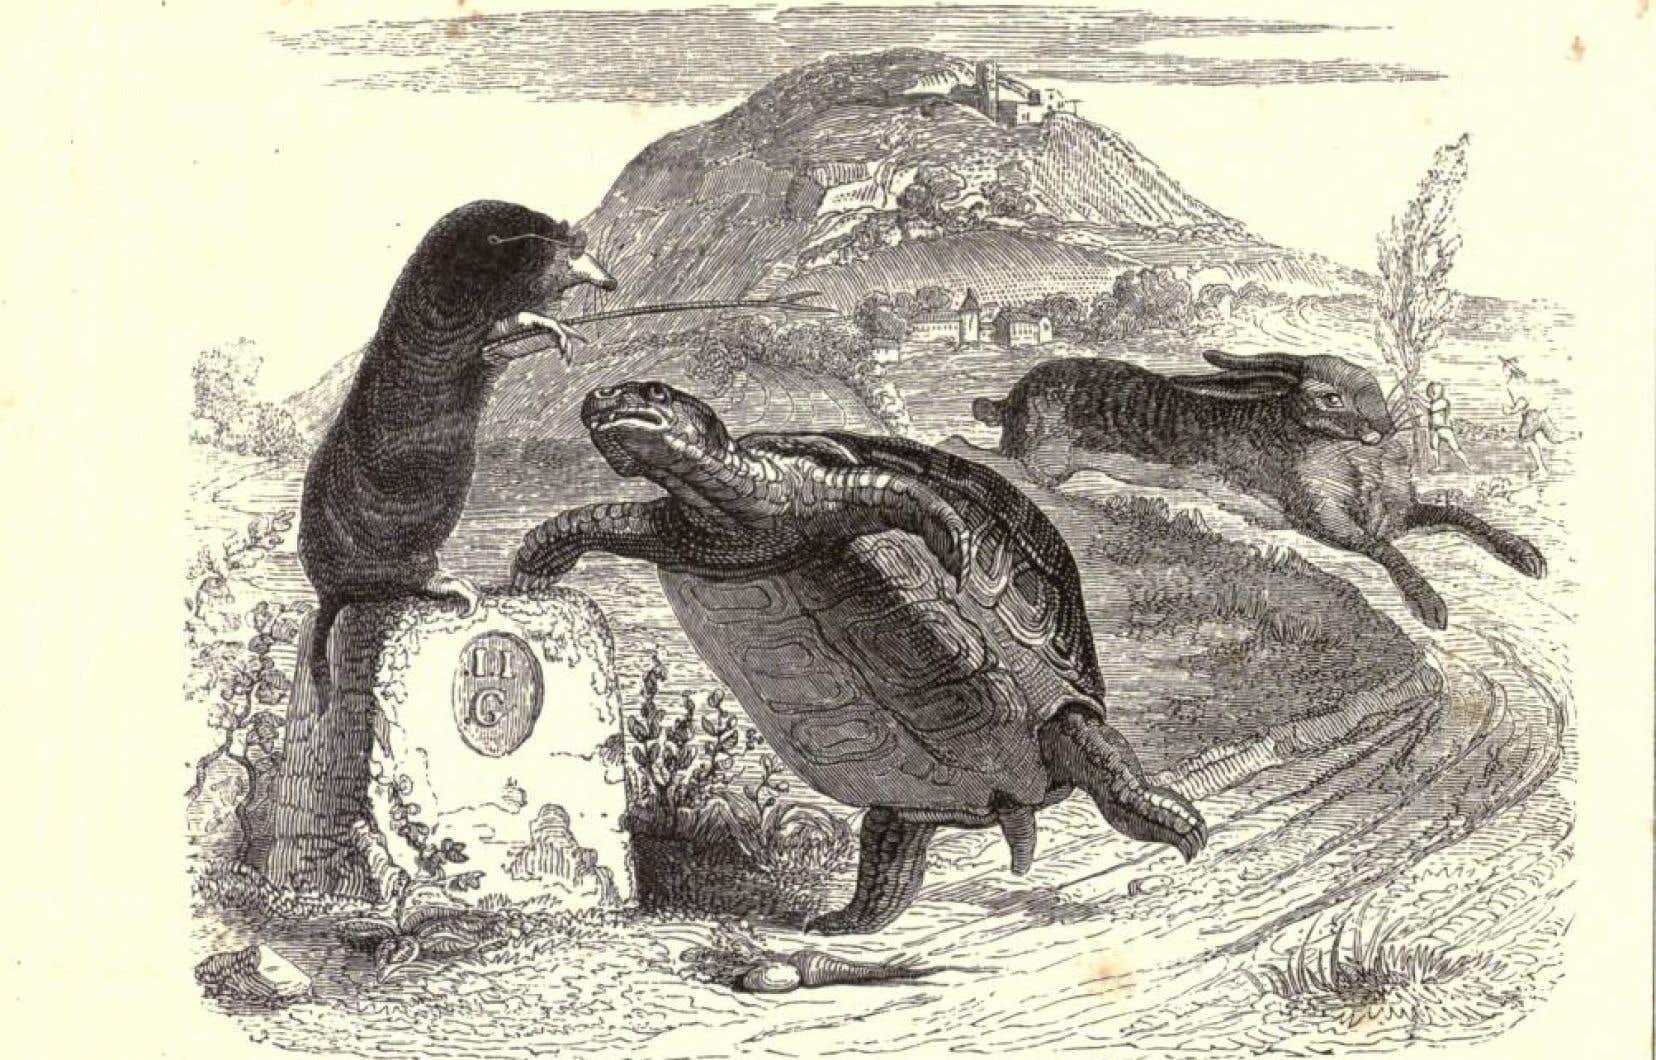 Les fables de Jean de la Fontaine, comme celle du lièvre et de la tortue, ont été apprises par des générations d'écoliers.